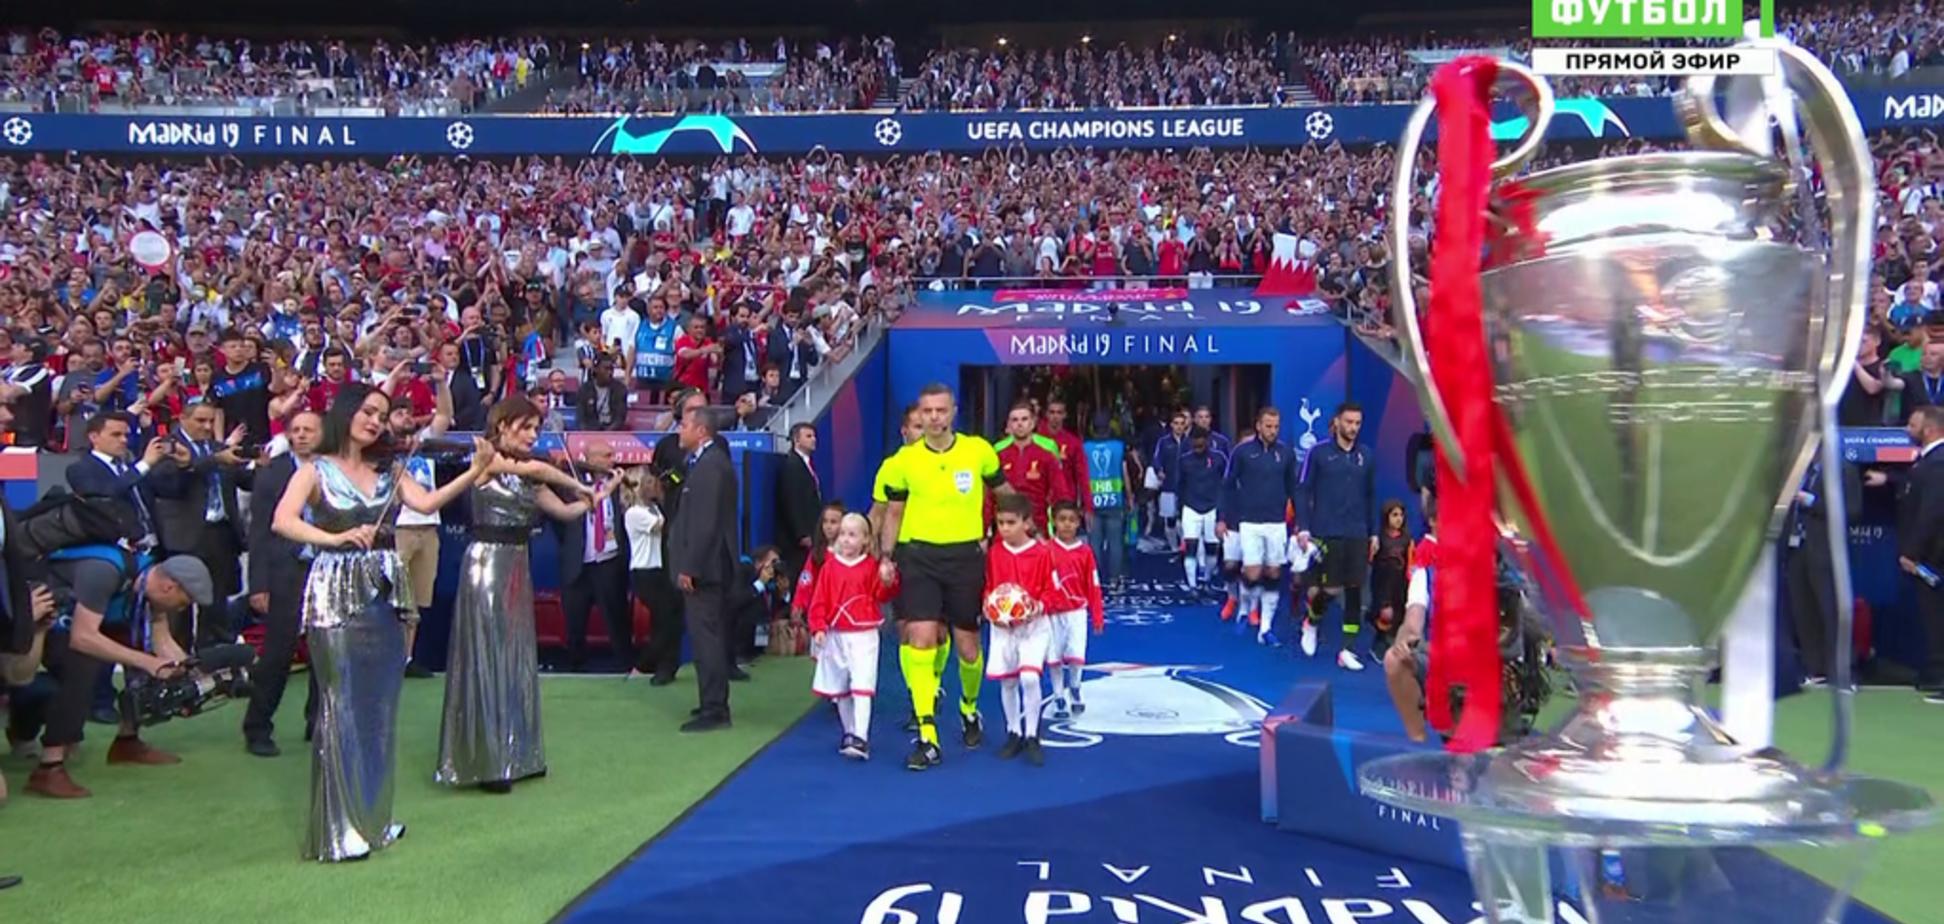 Российские комментаторы испугались Украины на финале Лиги чемпионов - видеофакт